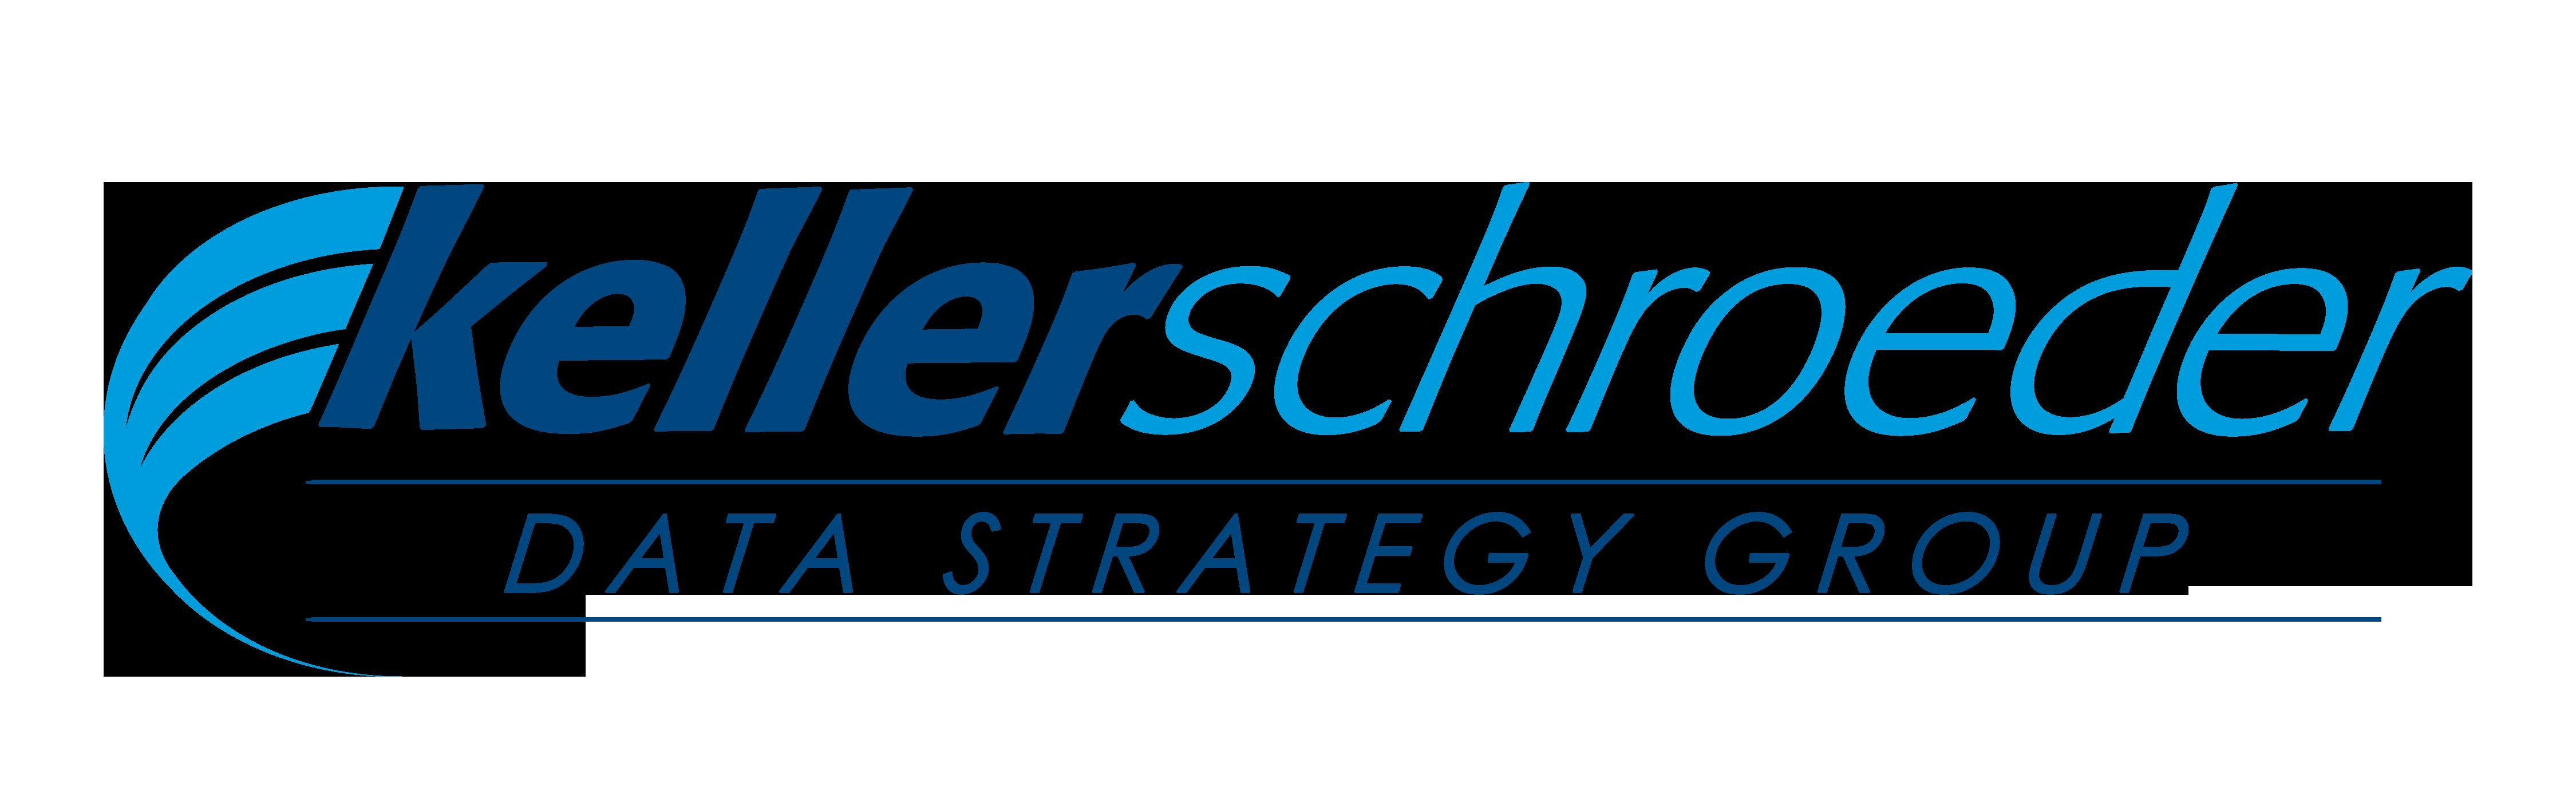 Keller Schroeder Data Strategy Group - Advanced Analytics